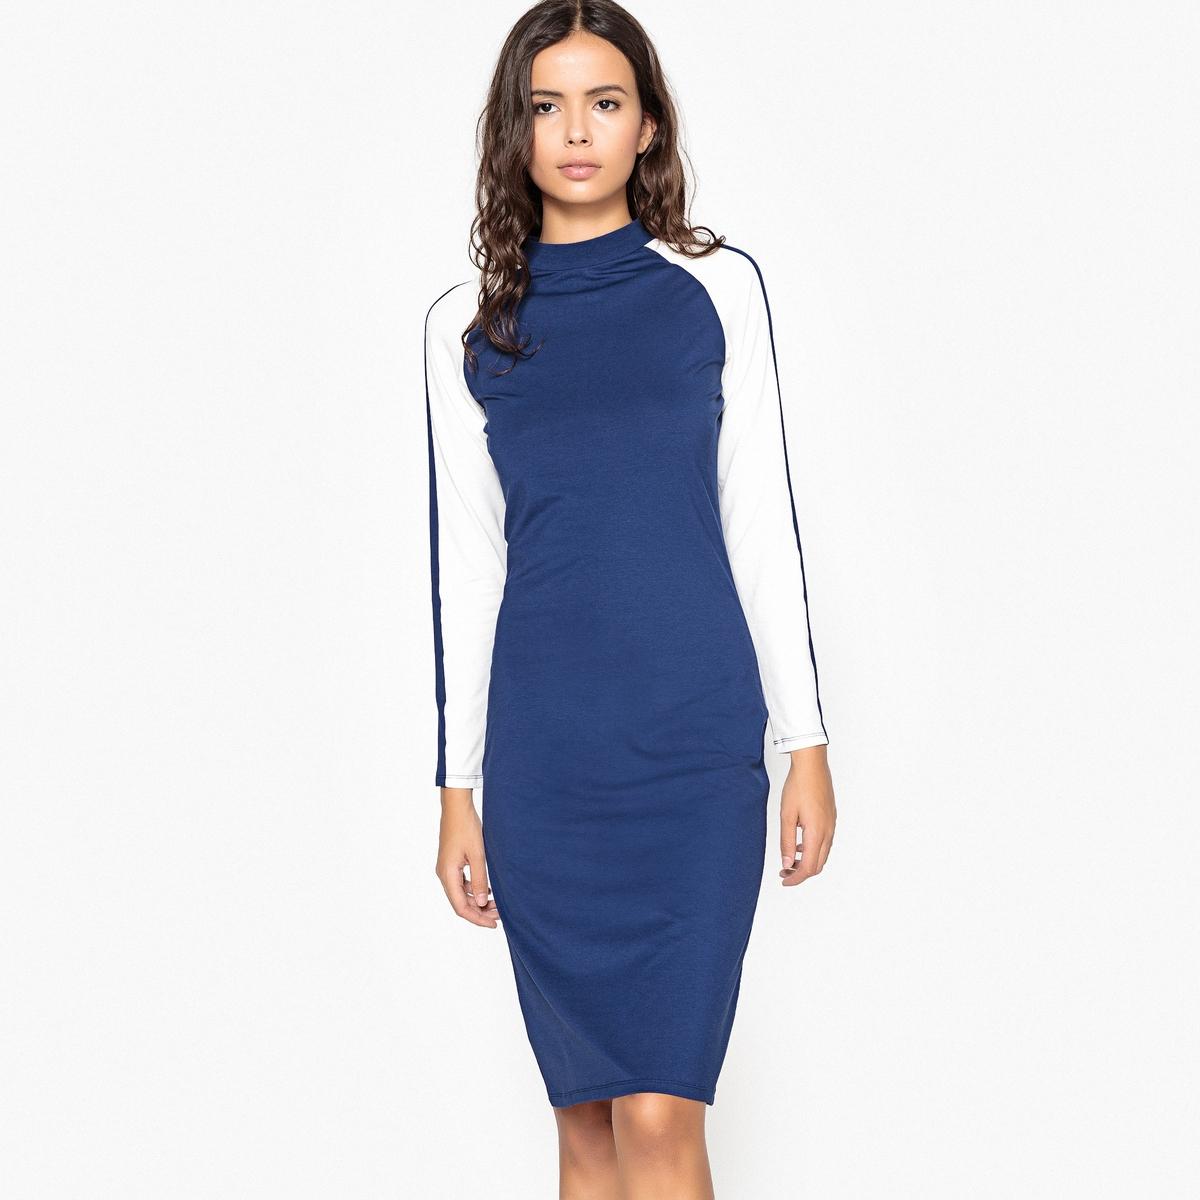 Платье-миди La Redoute В спортивном стиле из джерси M синий платье рубашка la redoute джинсовое с поясом m синий